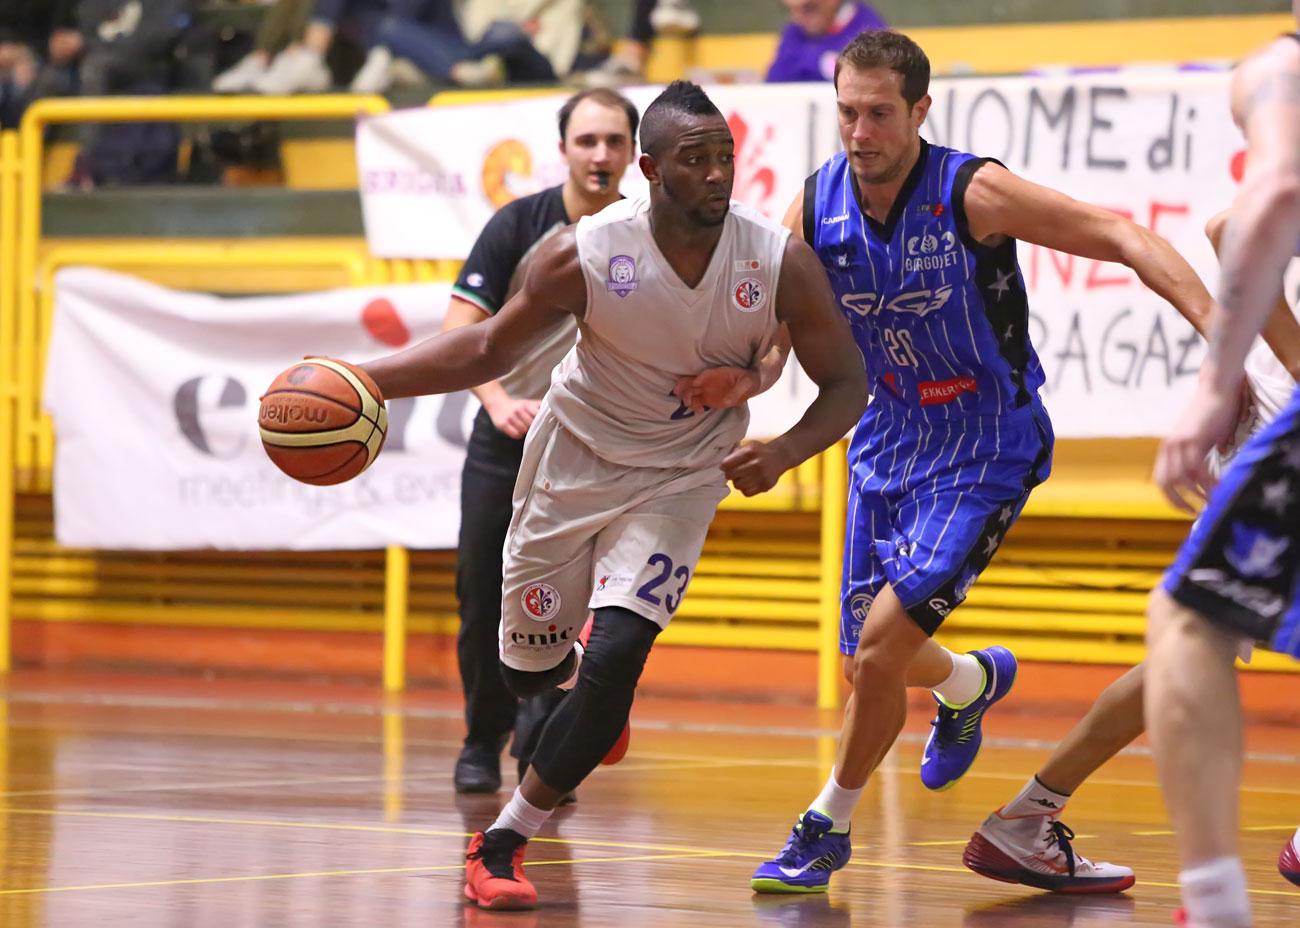 06momo_toure-2016_pallacanestro_firenze